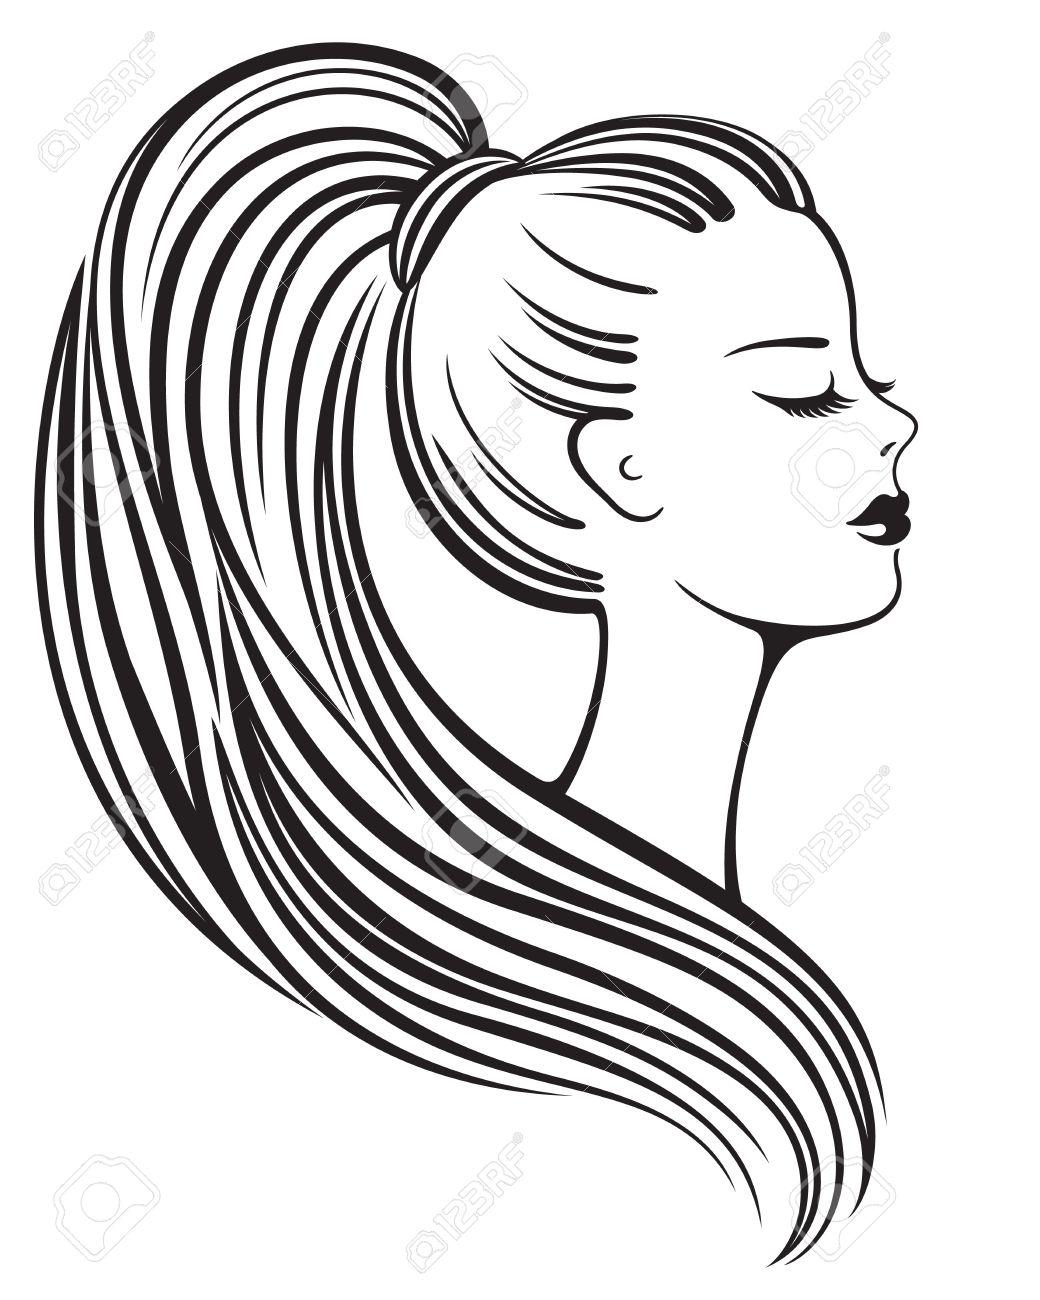 Dessin Au Trait Noir légante silhouette en noir et blanc des dessins au trait d'une jeune